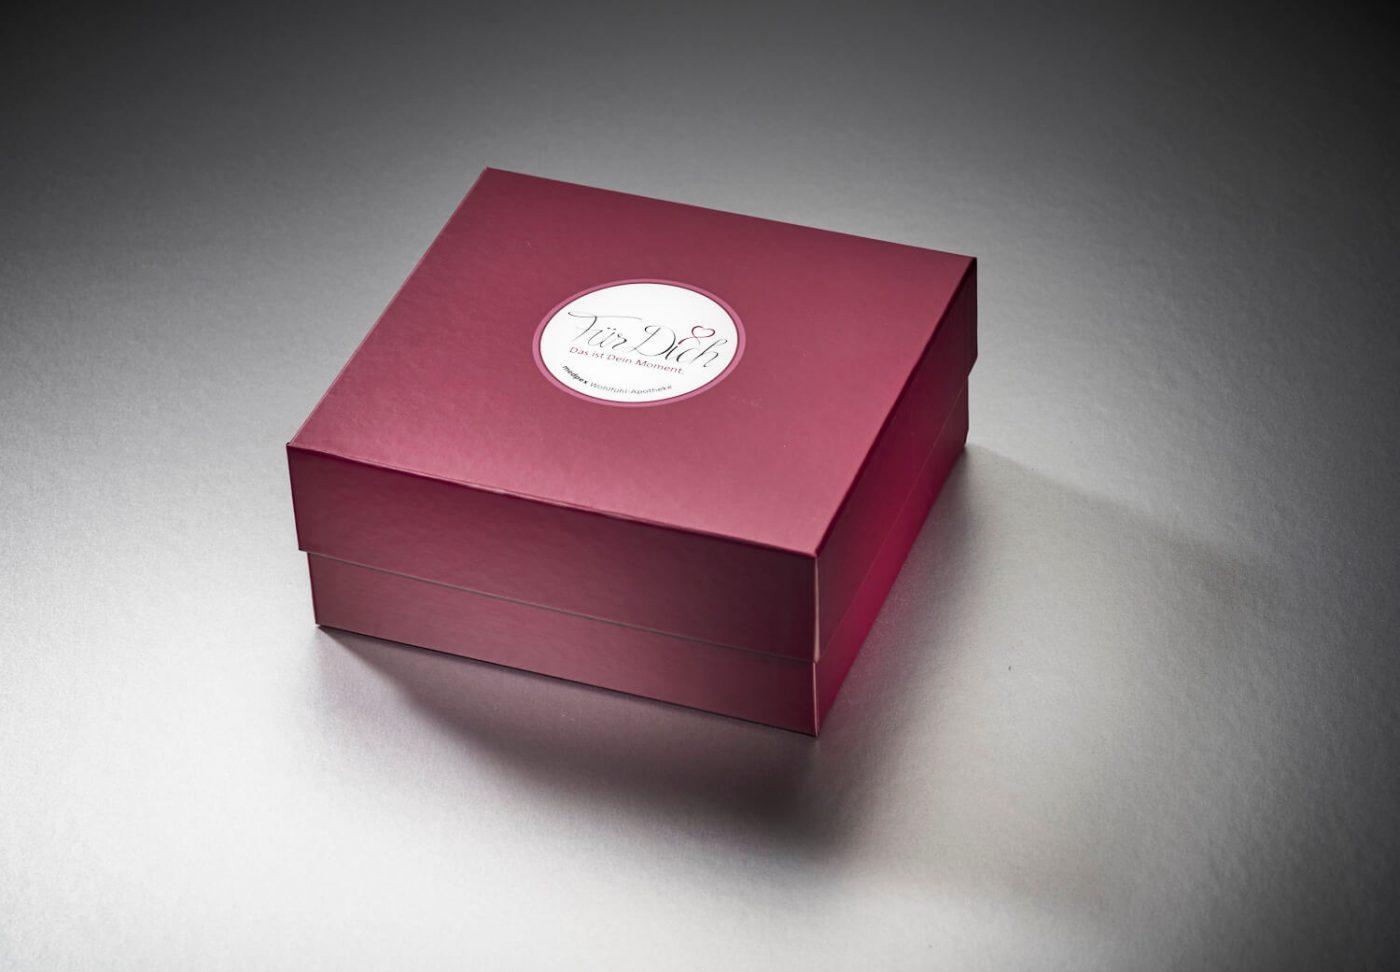 Stuelpdeckelbox